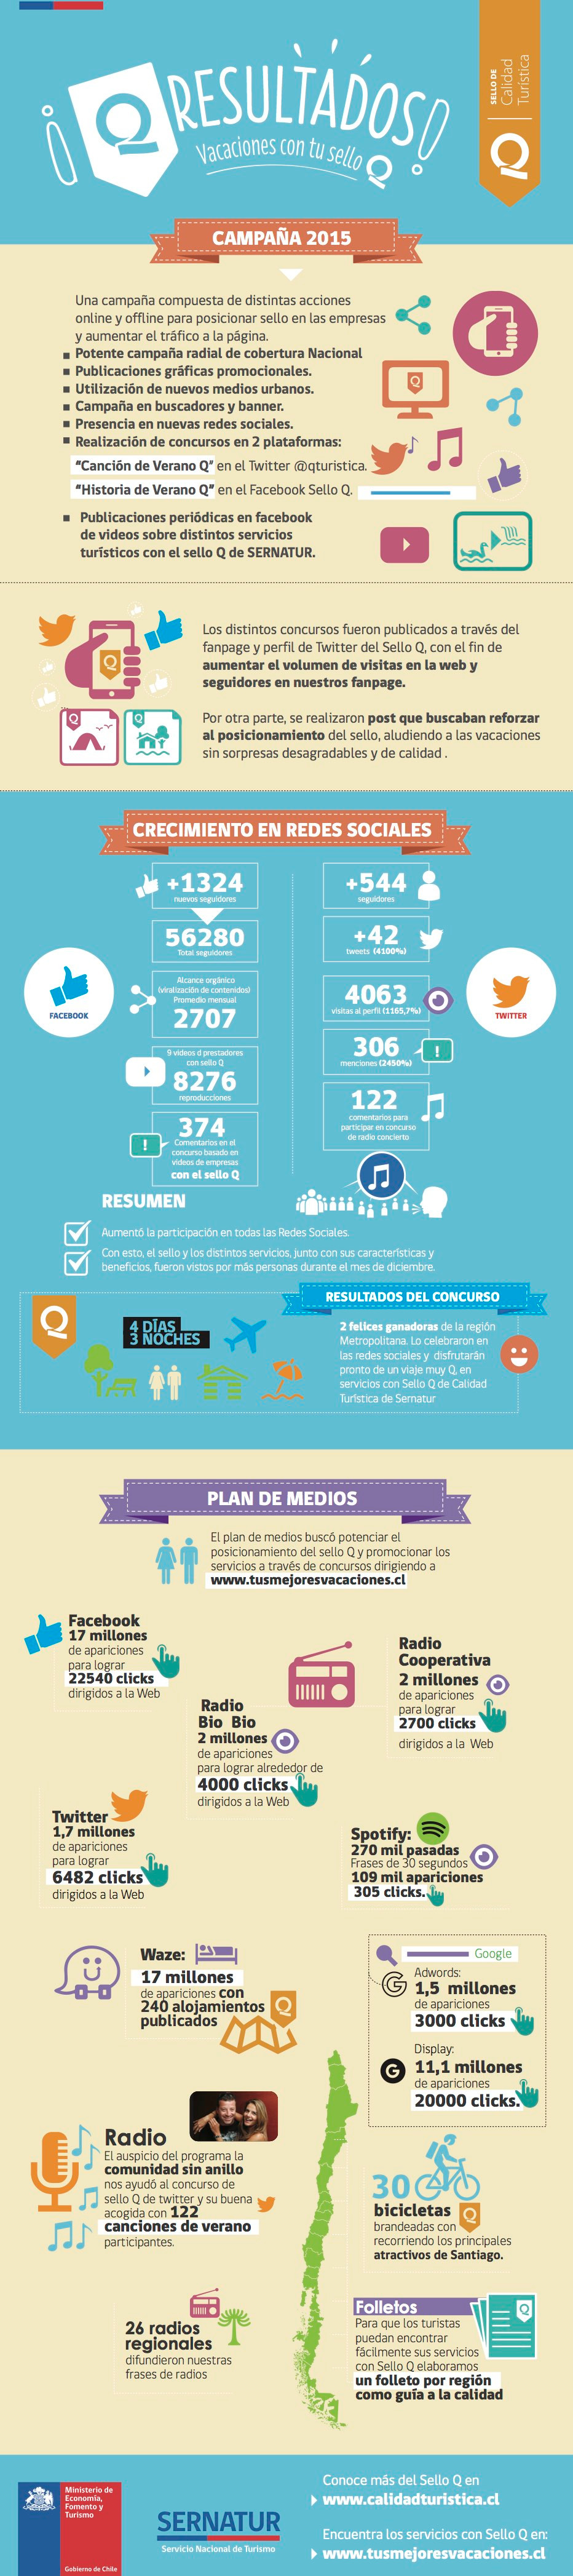 Infografía que muestra los resultados de un mes de campaña btl para el sello Q, durante el periodo de diciembre.